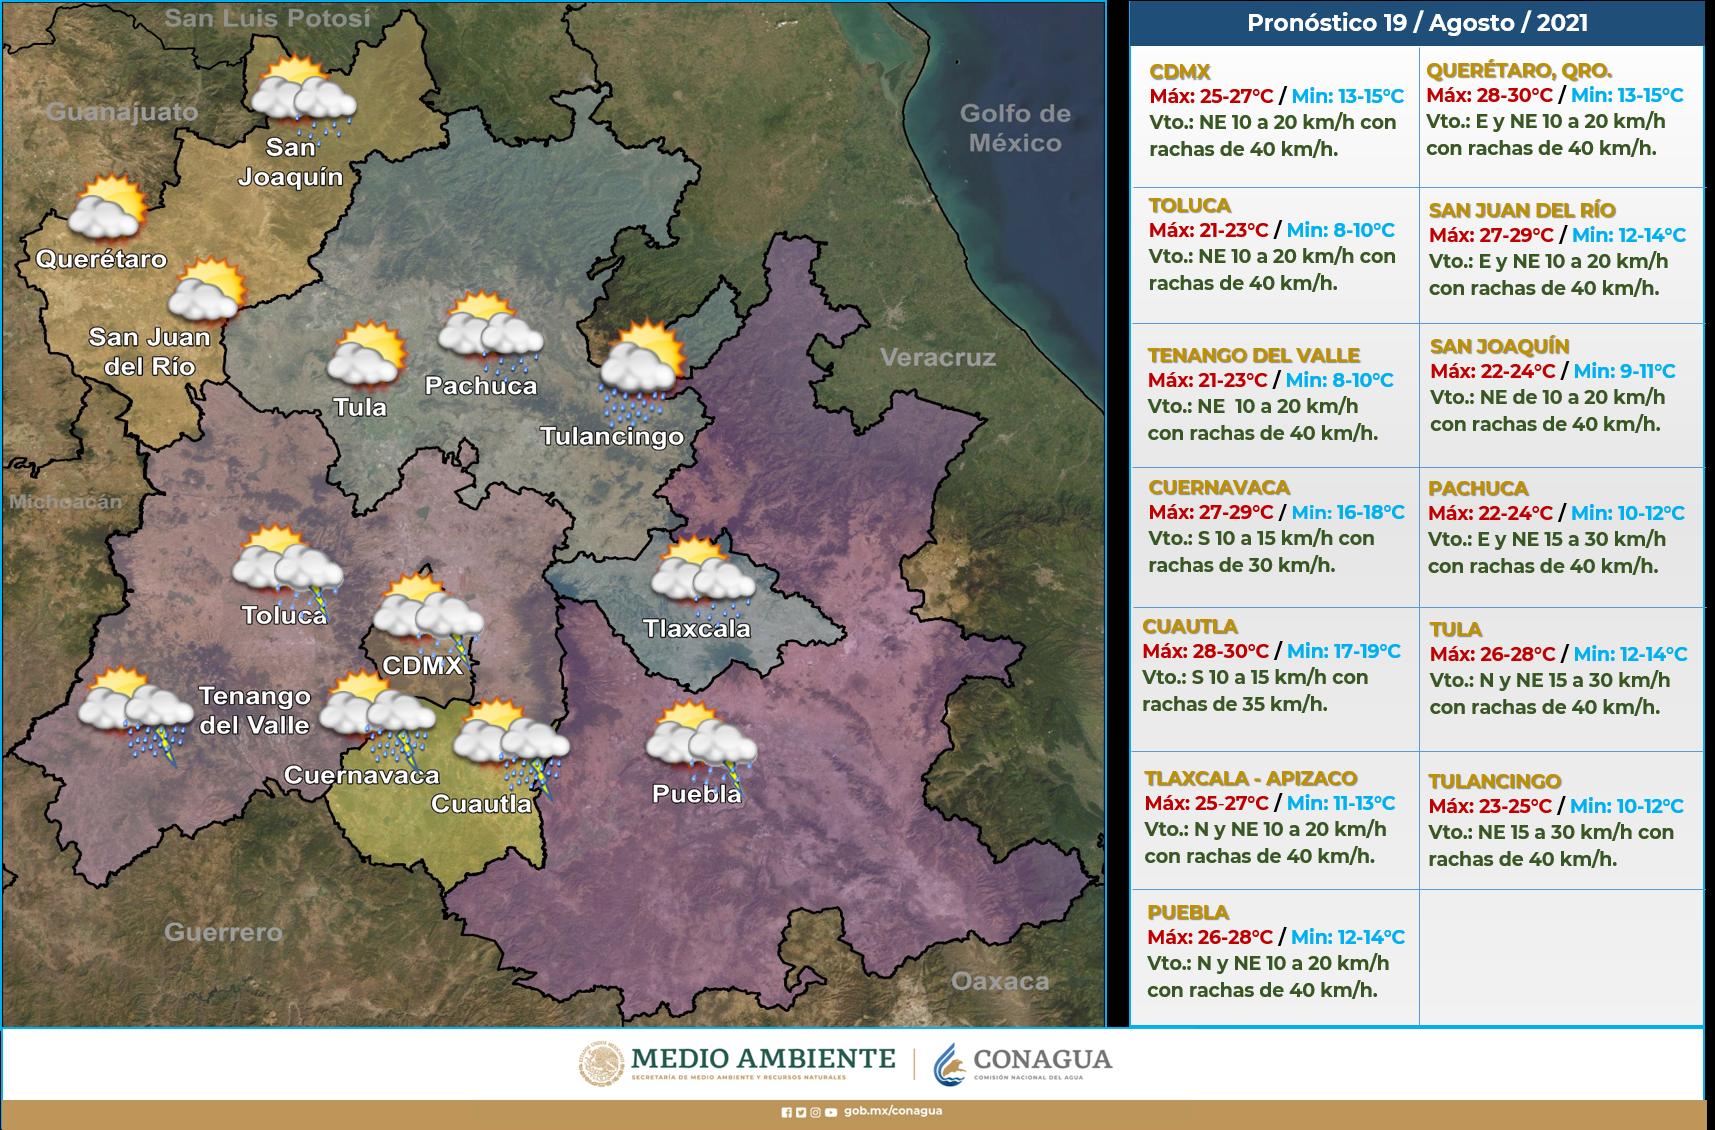 pronostico del clima tras huracan grace en el valle de mexico para el clima en toluca